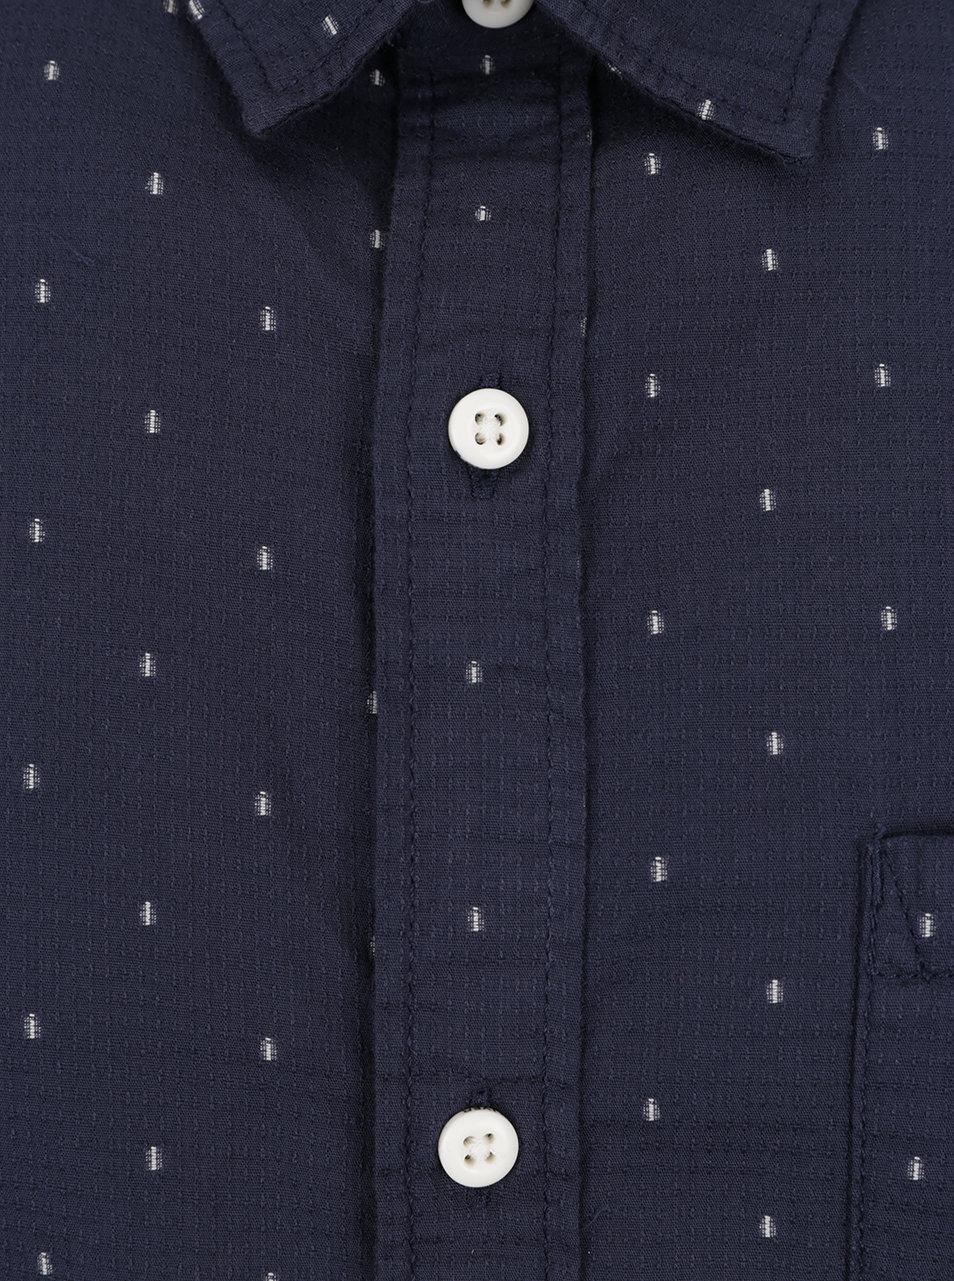 3102ea0f91ce Tmavomodrá pánska slim fit košeľa s jemným vzorom s.Oliver